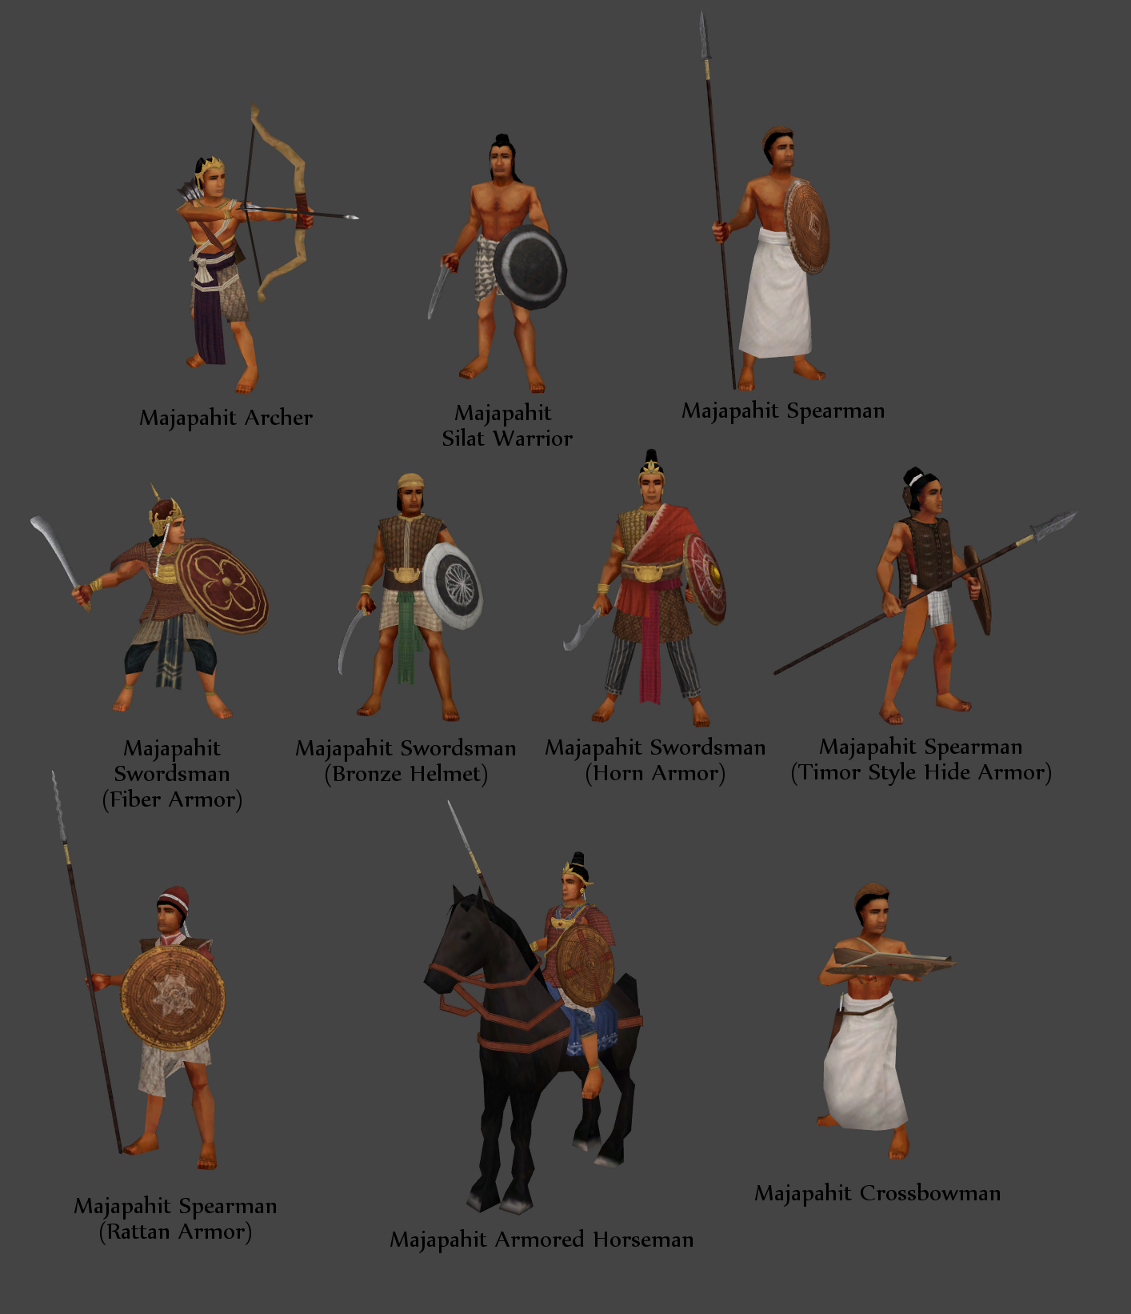 Srivijaya Warrior